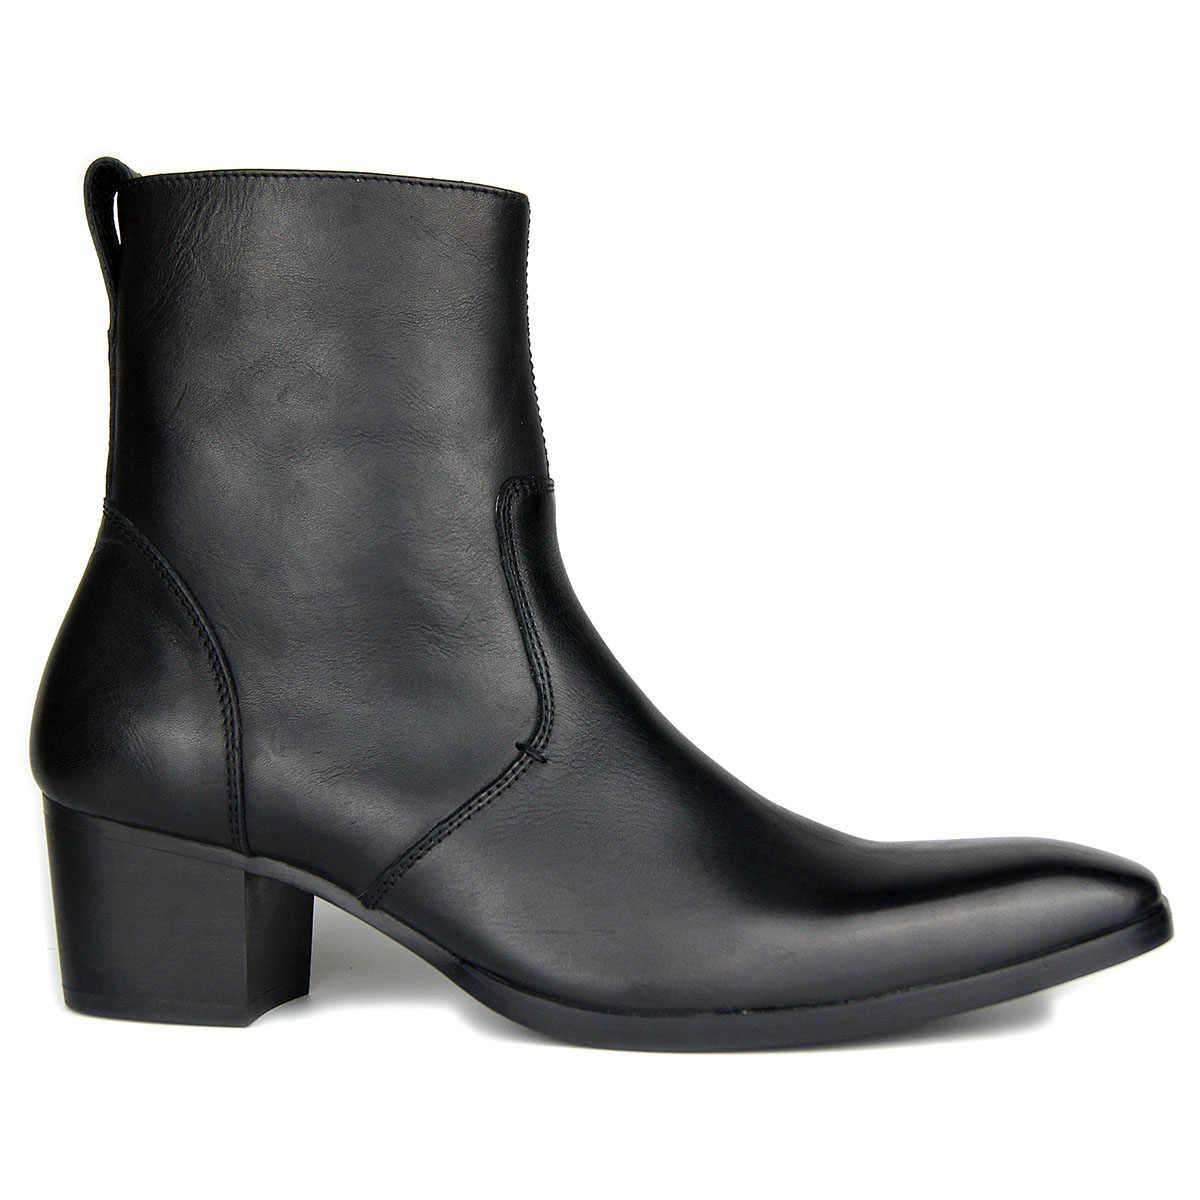 [90% OFF kusurlu ürün abd] yüksek topuk çizmeler erkekler için el yapımı hakiki süet deri marka klasik ayakkabı tasarımcısı hızlı kargo